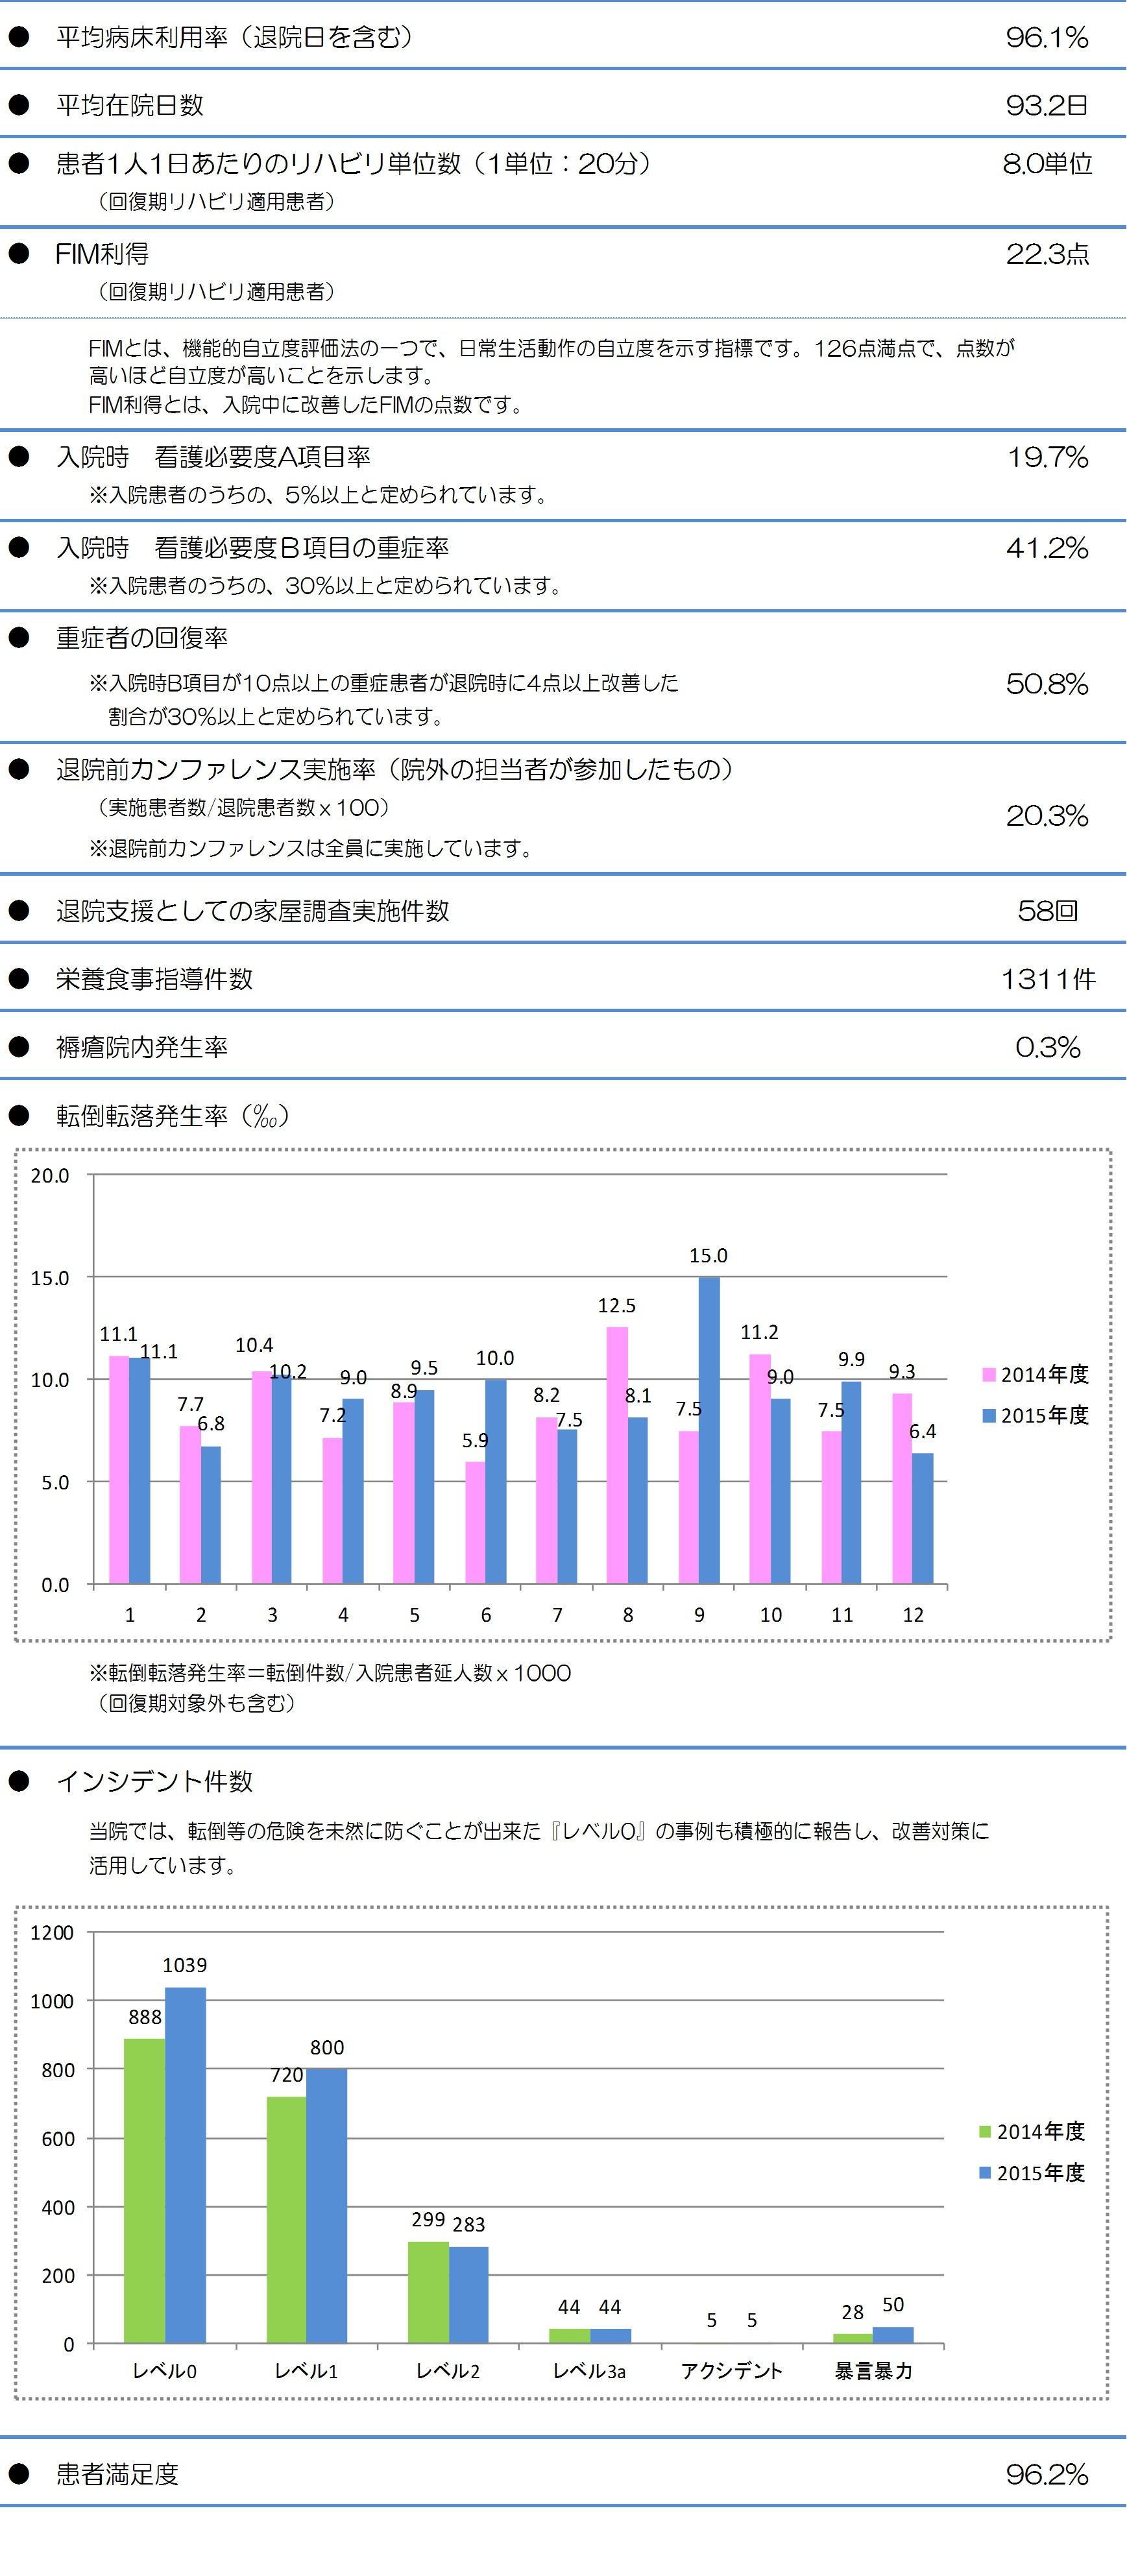 統計資料27